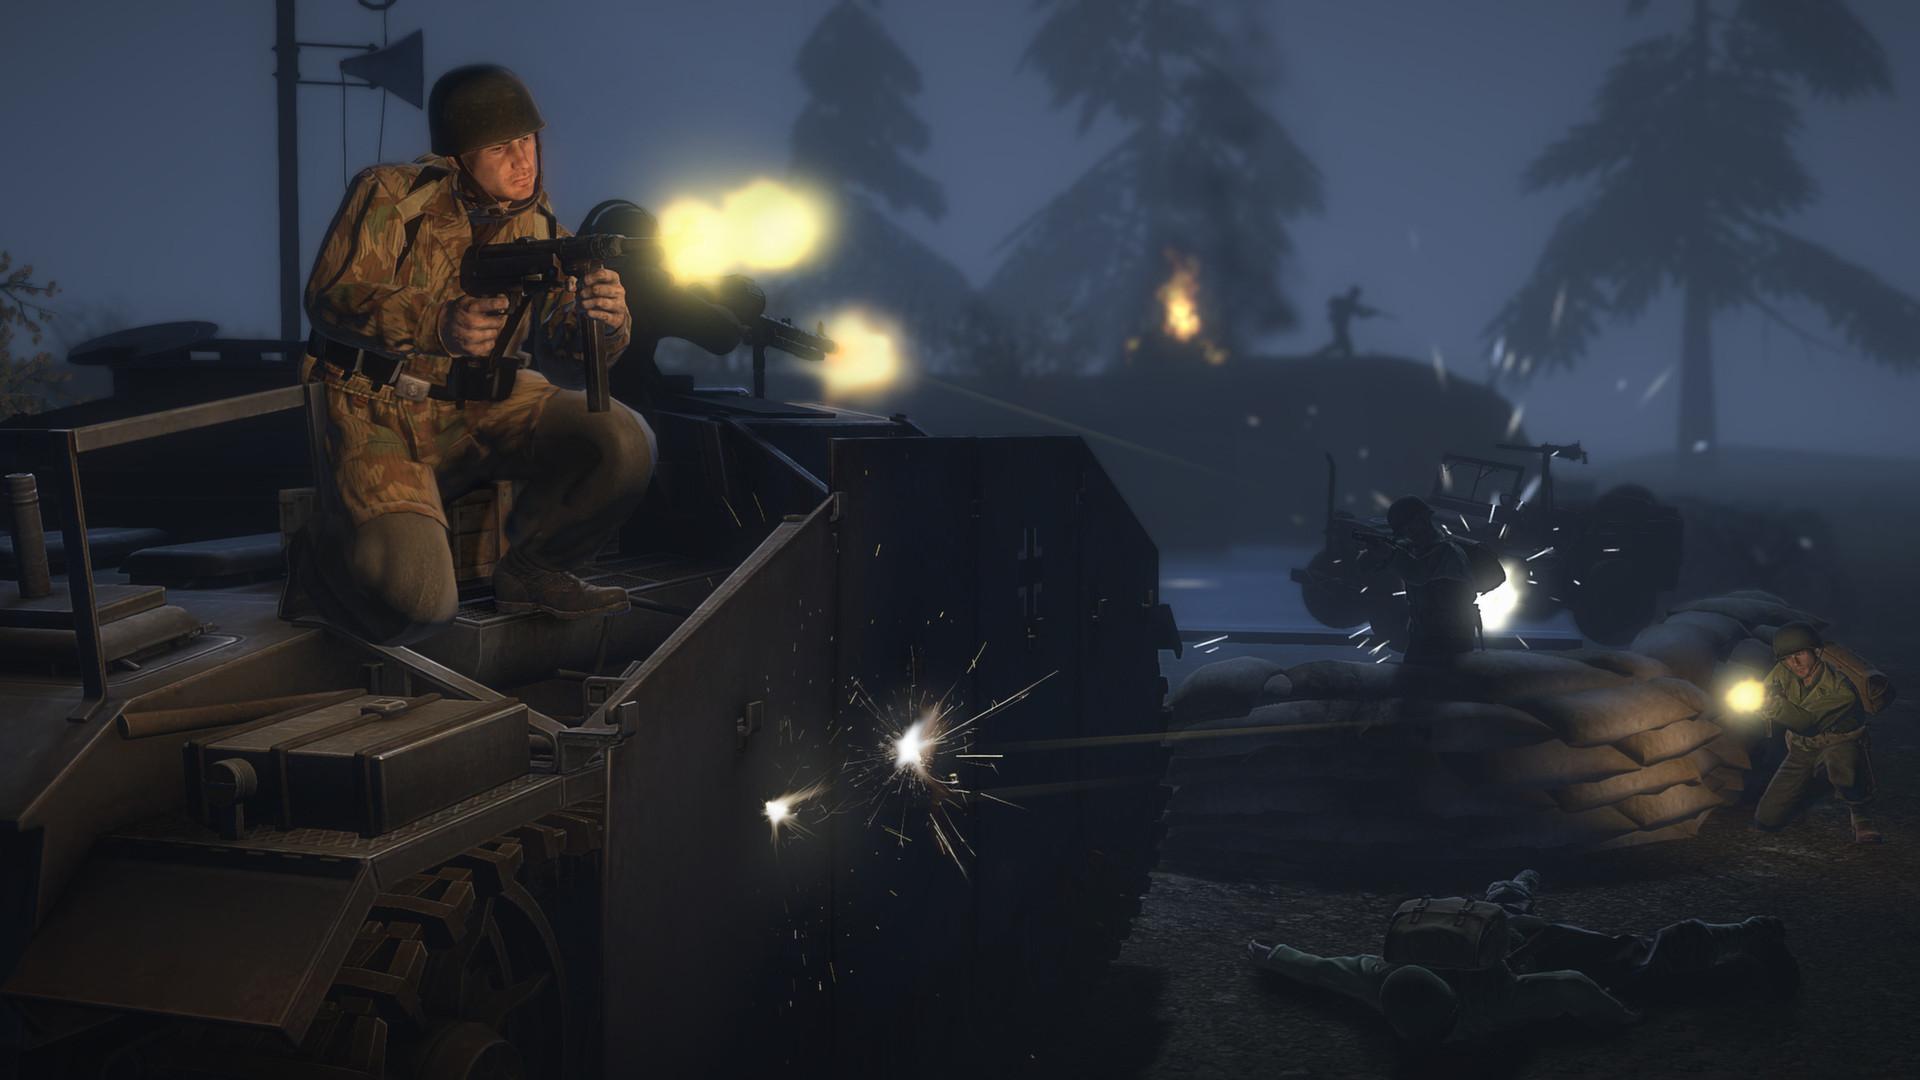 Heroes & Generals в Steam - Блоги - блоги геймеров, игровые блоги, создать блог, вести блог про игры